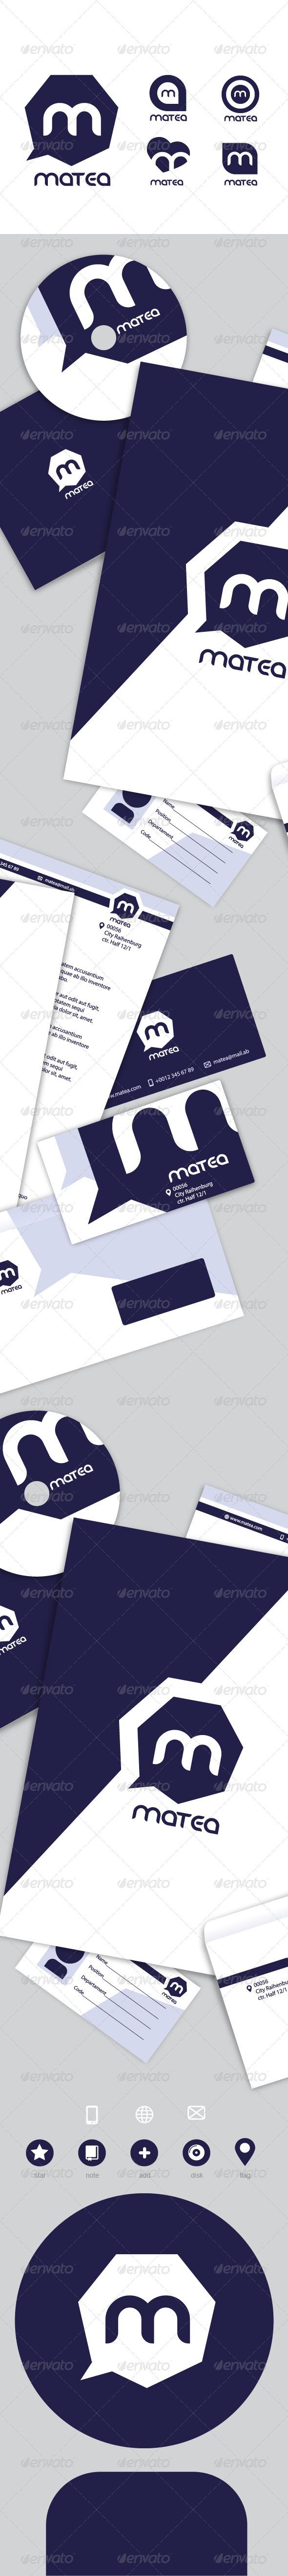 GraphicRiver Matea 5860984